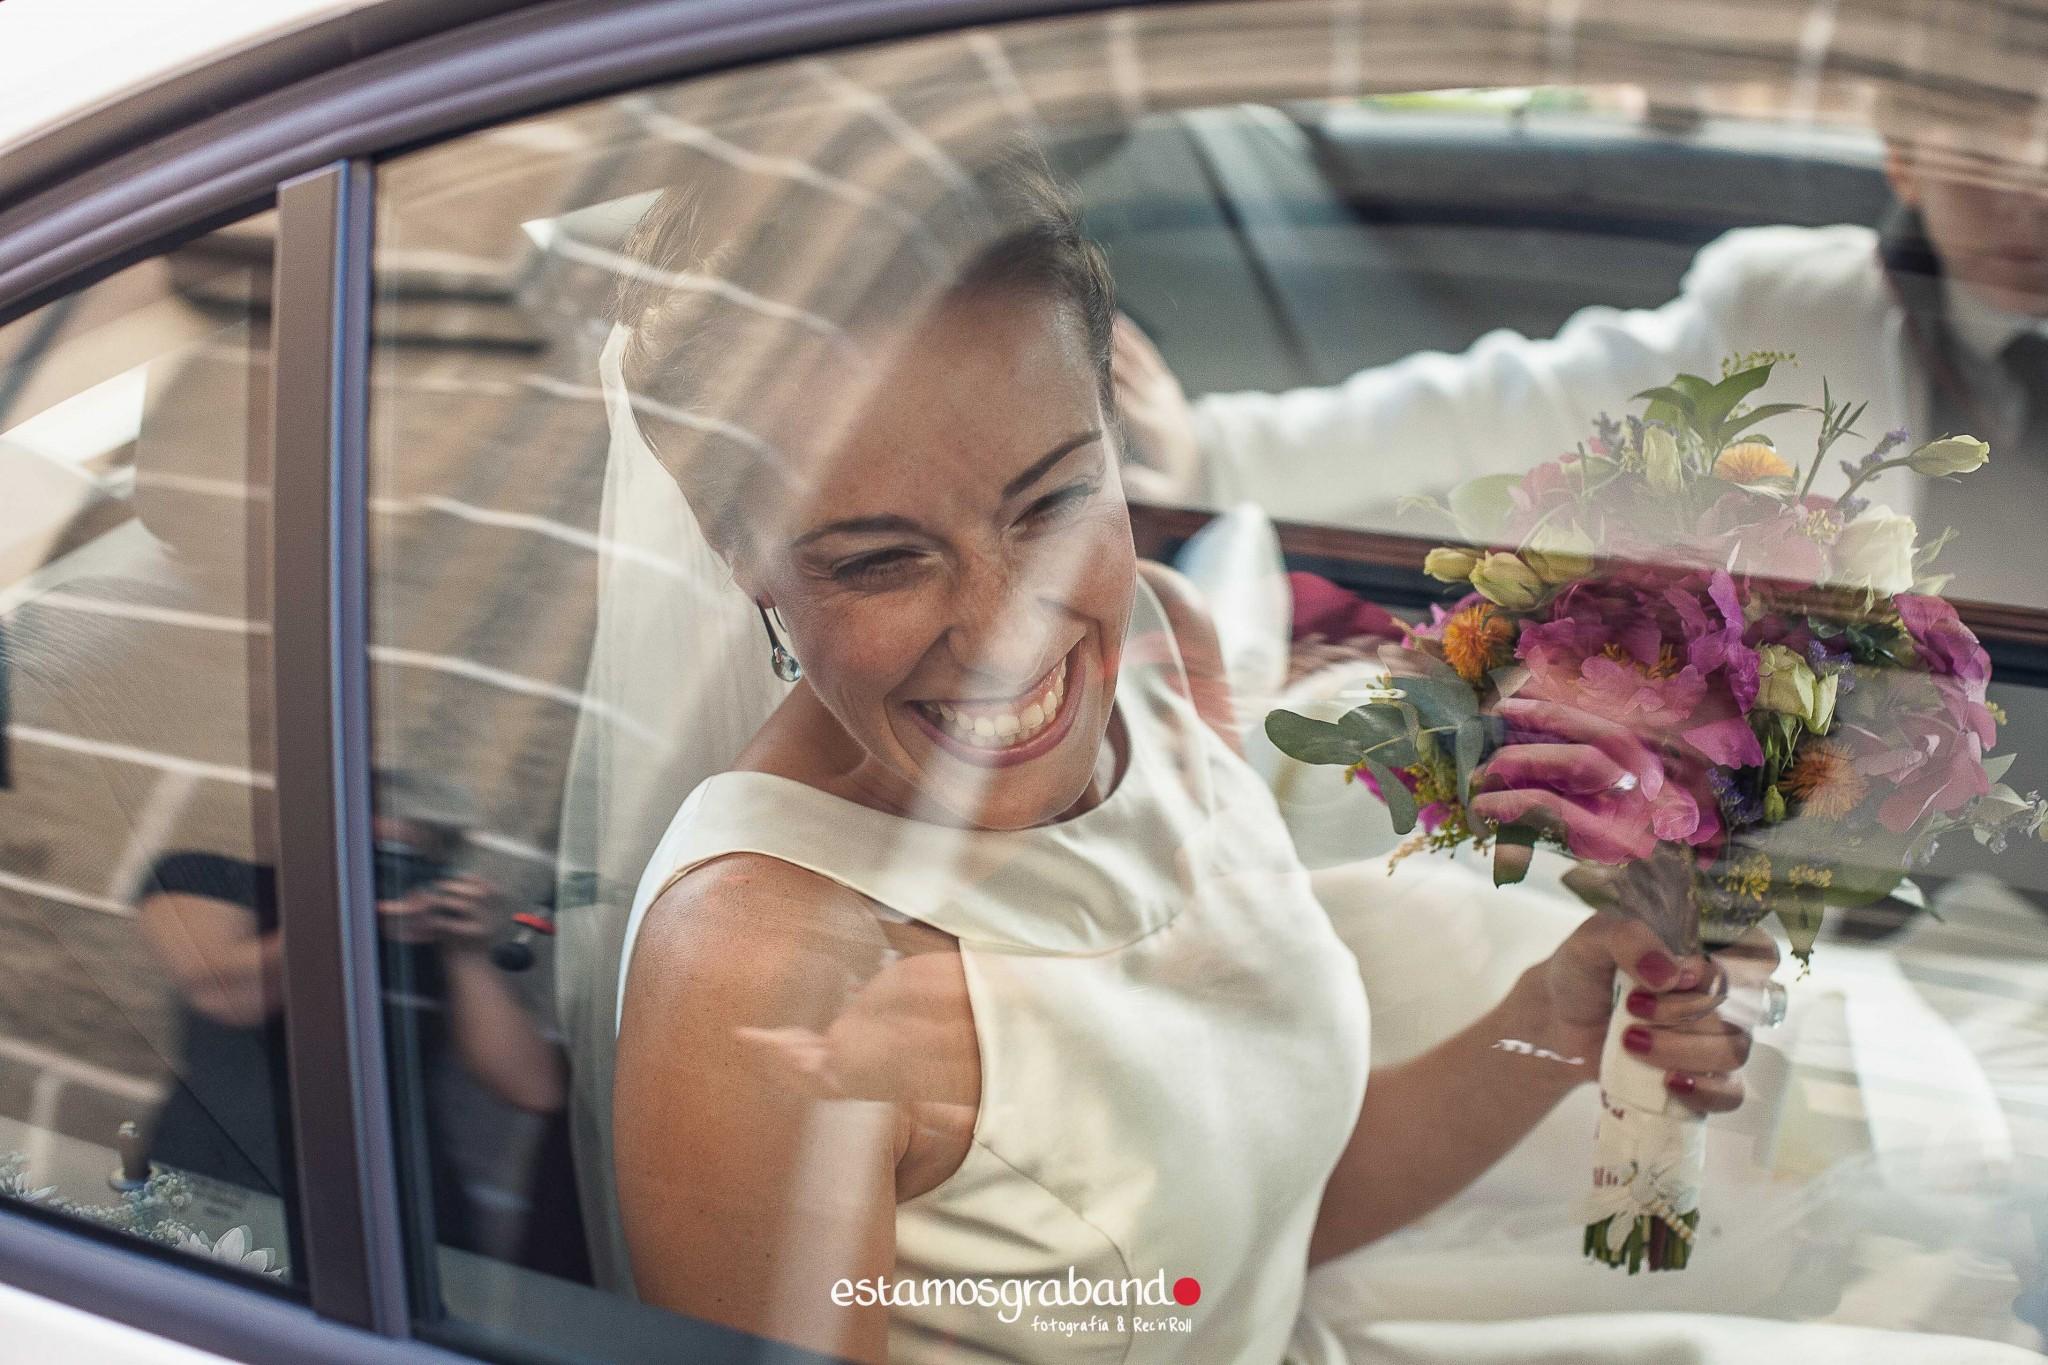 fotografo-de-bodas-jerez_mari-paz-jaime_bodegas-tradiciocc81n-24 32 escalones [Fotografía de bodas Jerez_Mari Paz & Jaime] - video boda cadiz